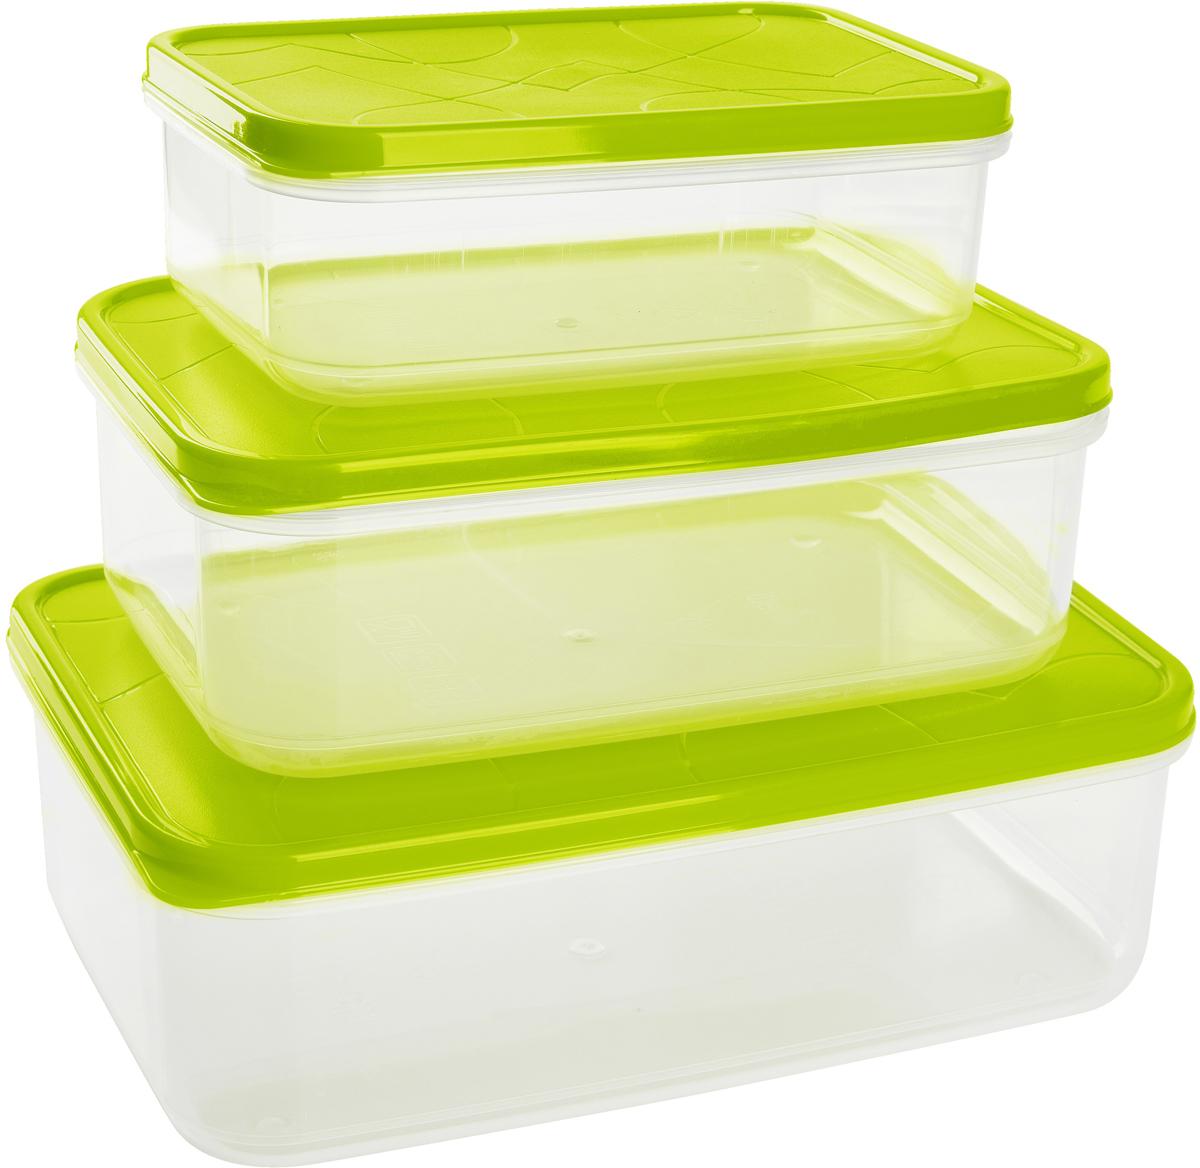 Набор контейнеров для продуктов Giaretti Vitamino, прямоугольные, цвет: оливковый, 3 шт